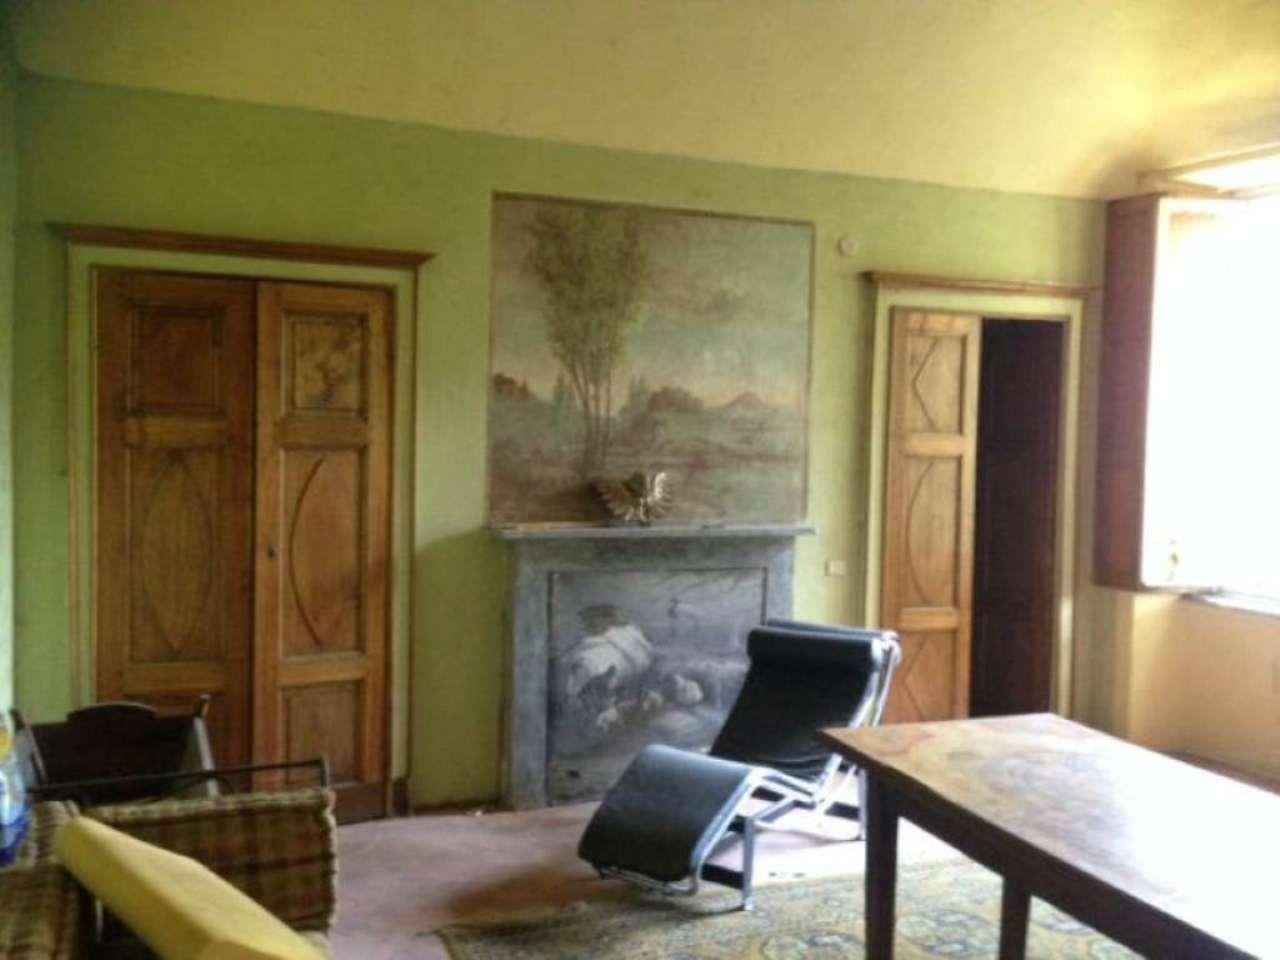 Soluzione Indipendente in vendita a Antignano, 9999 locali, Trattative riservate | Cambio Casa.it